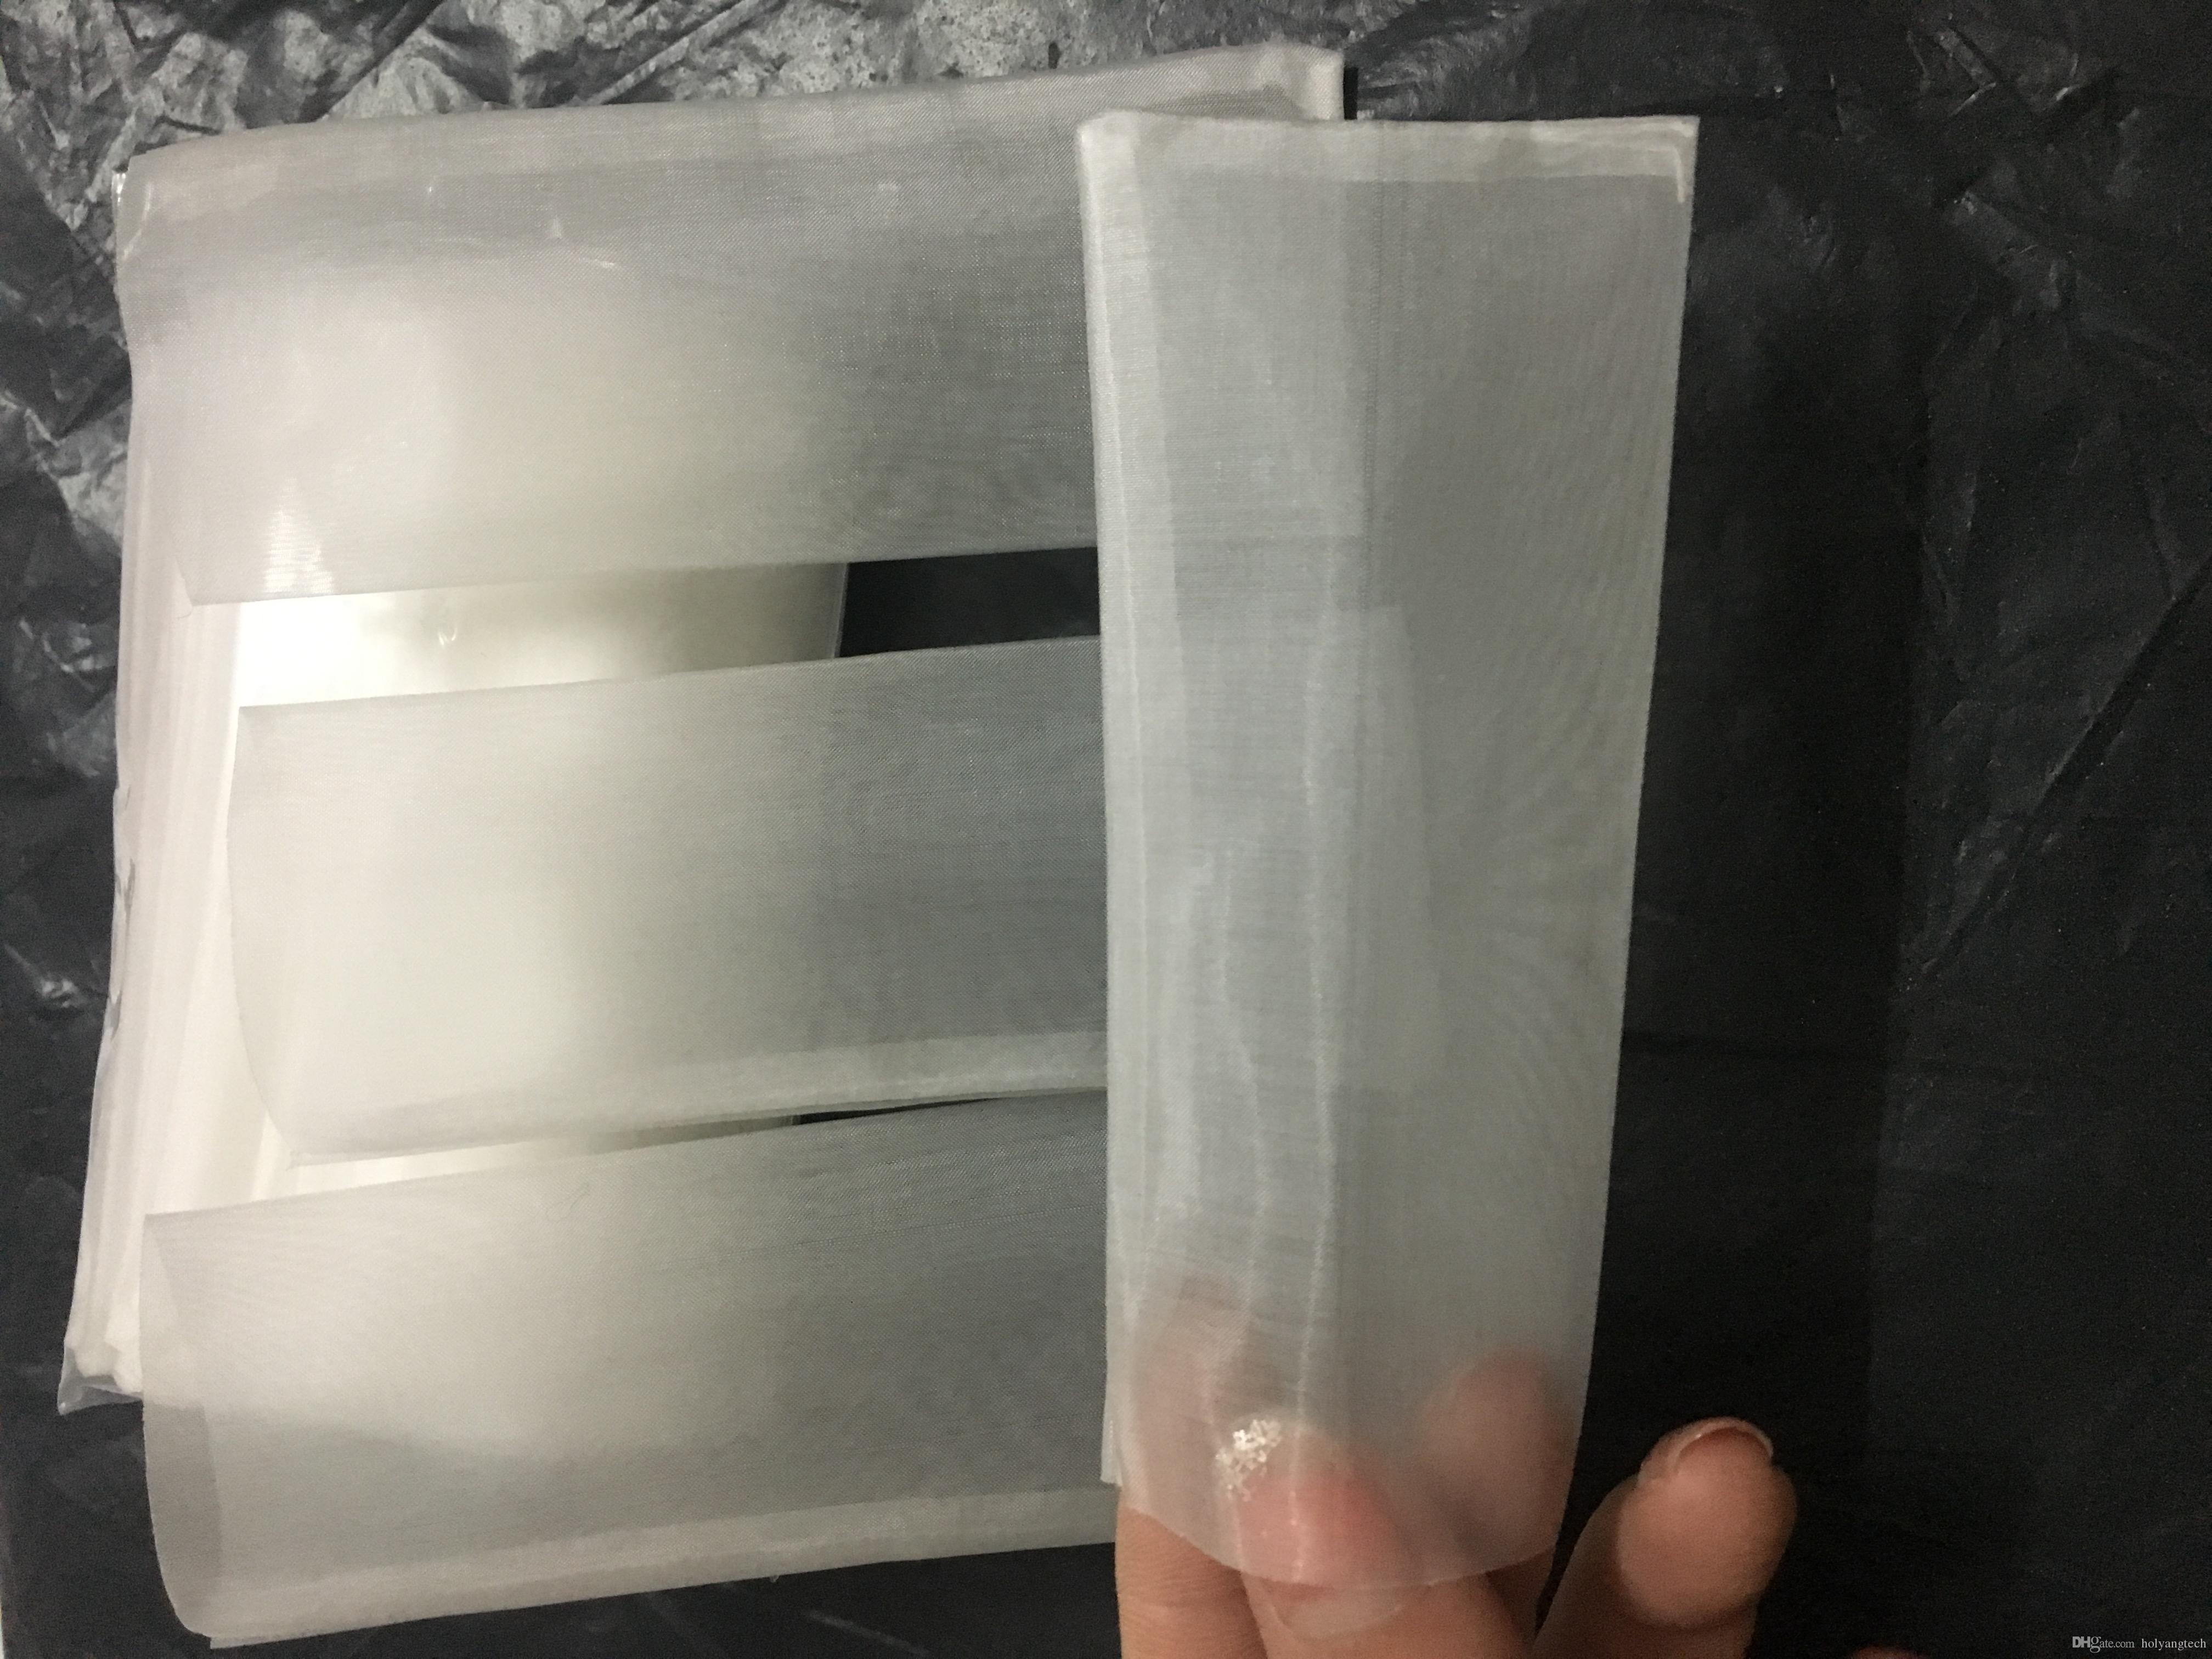 stoklarında 2 x 4 '' Reçine teknoloji pres torbalar 2 * 4inç 120micron sıvı ekstraksiyonu mikron filtre / ağ torbası